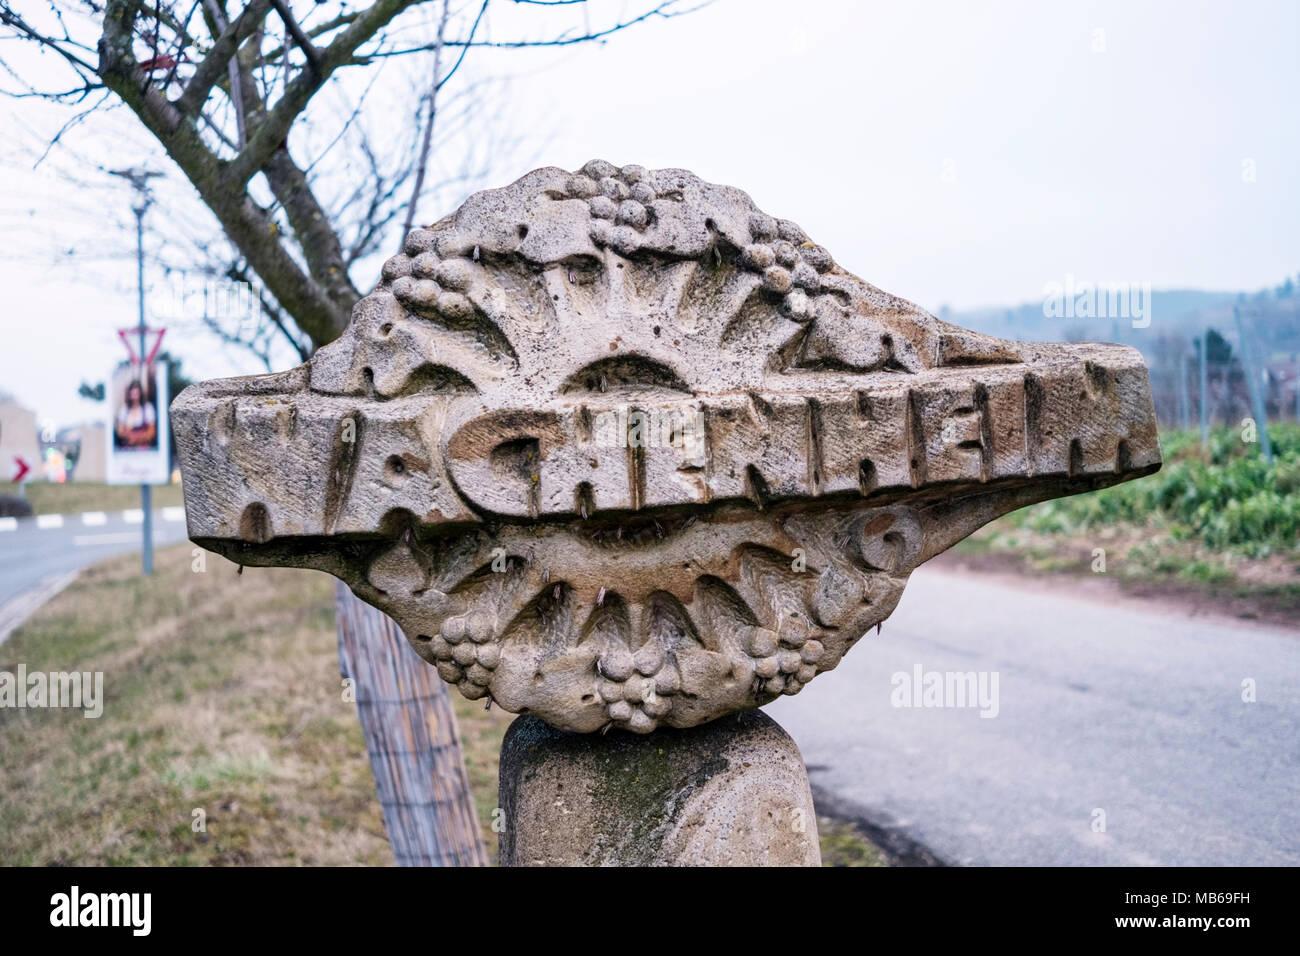 Wachenheim, RHeinland-Pfalz, Germany Stock Photo